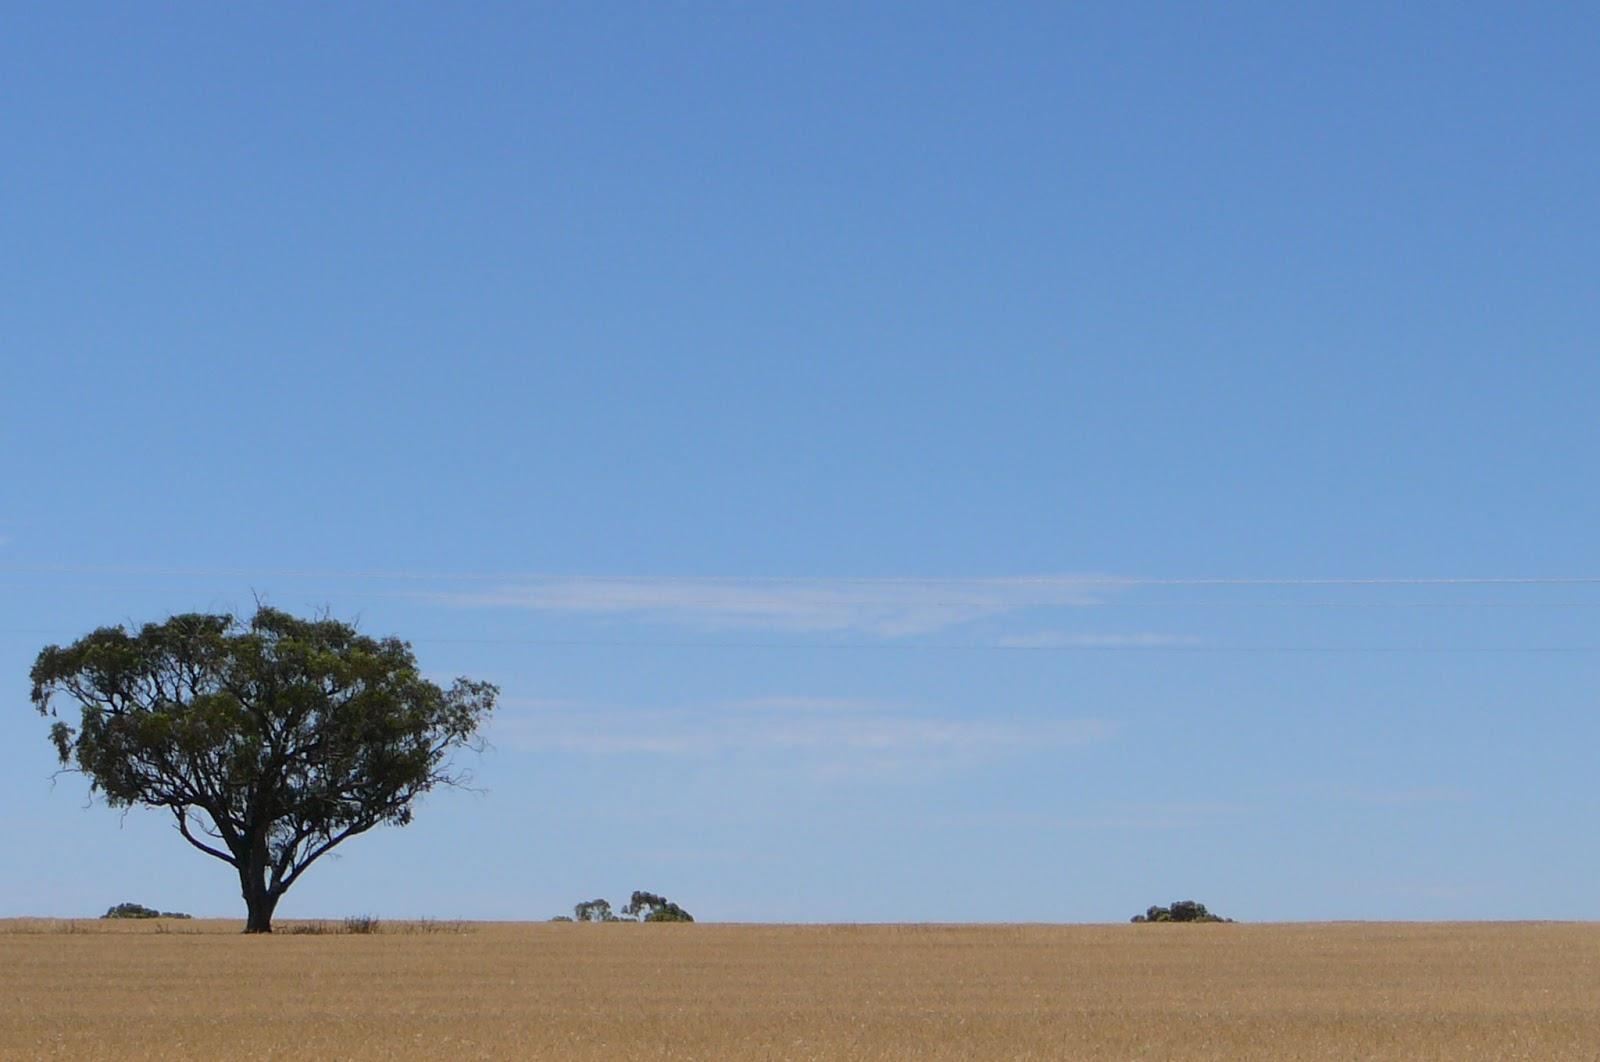 Western Australian wheatbelt